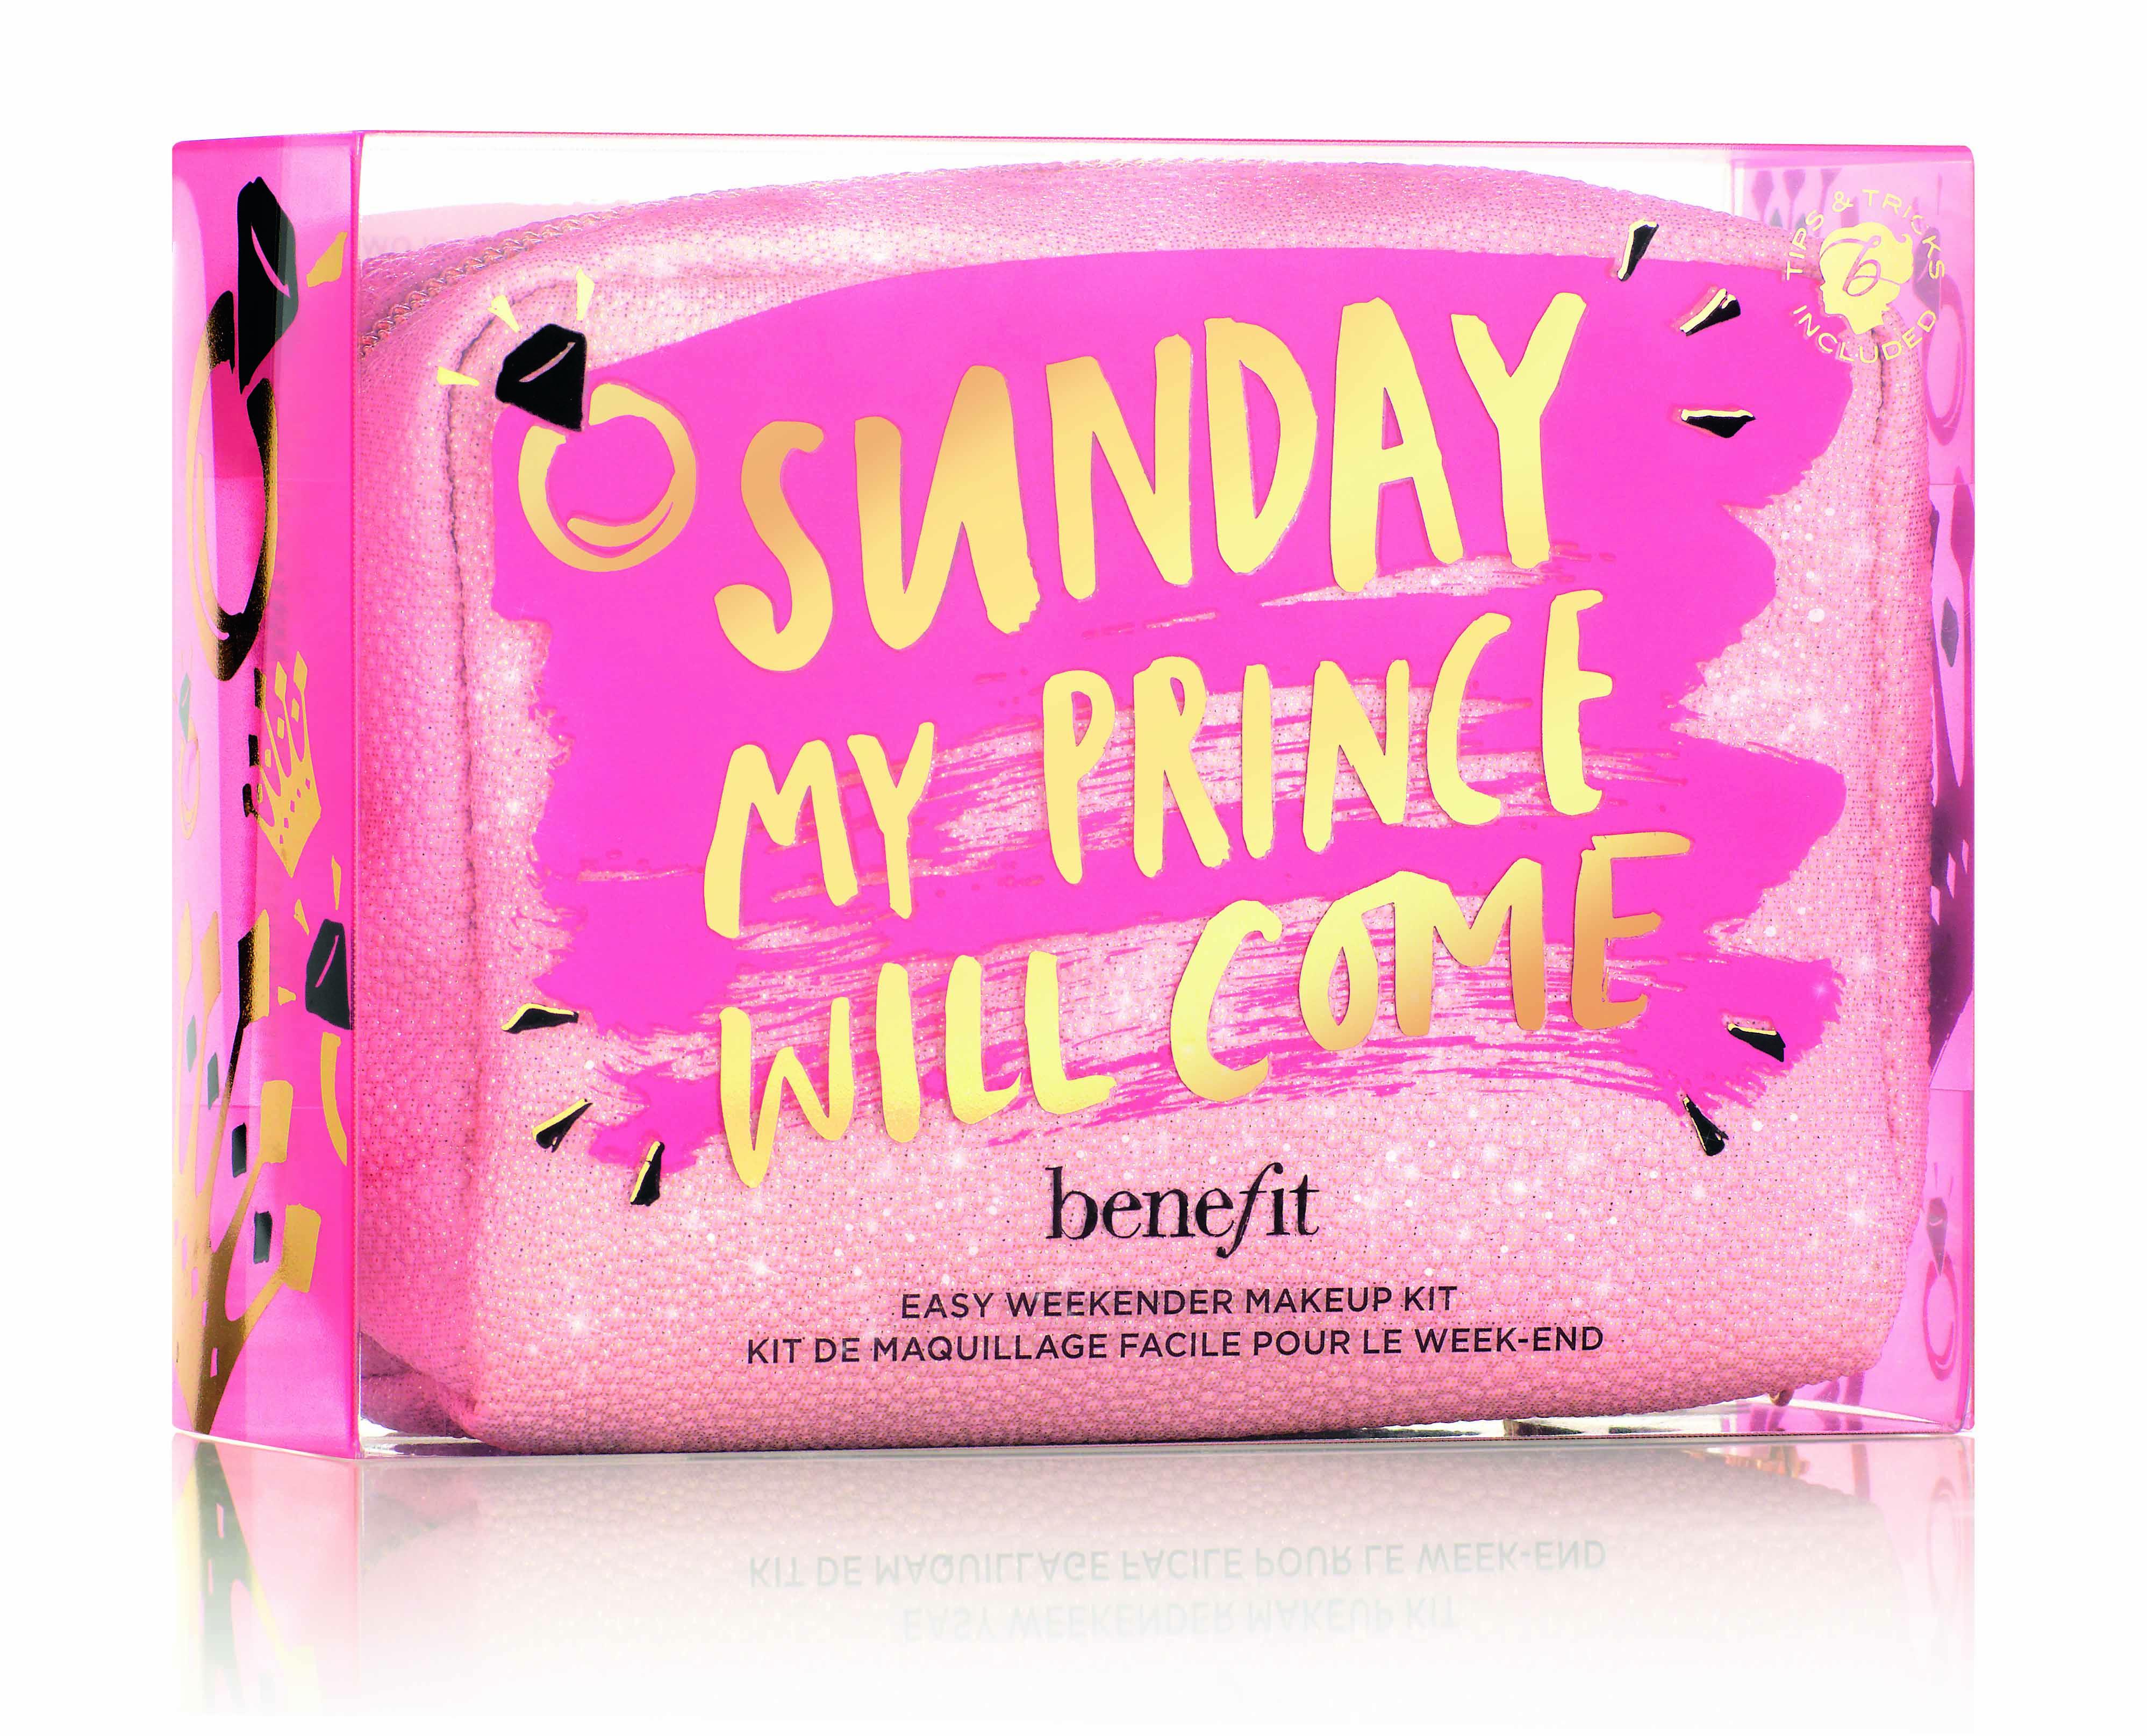 Benefit autunno-inverno 2017: la pochette da collezione Sunday My Prince Will Come